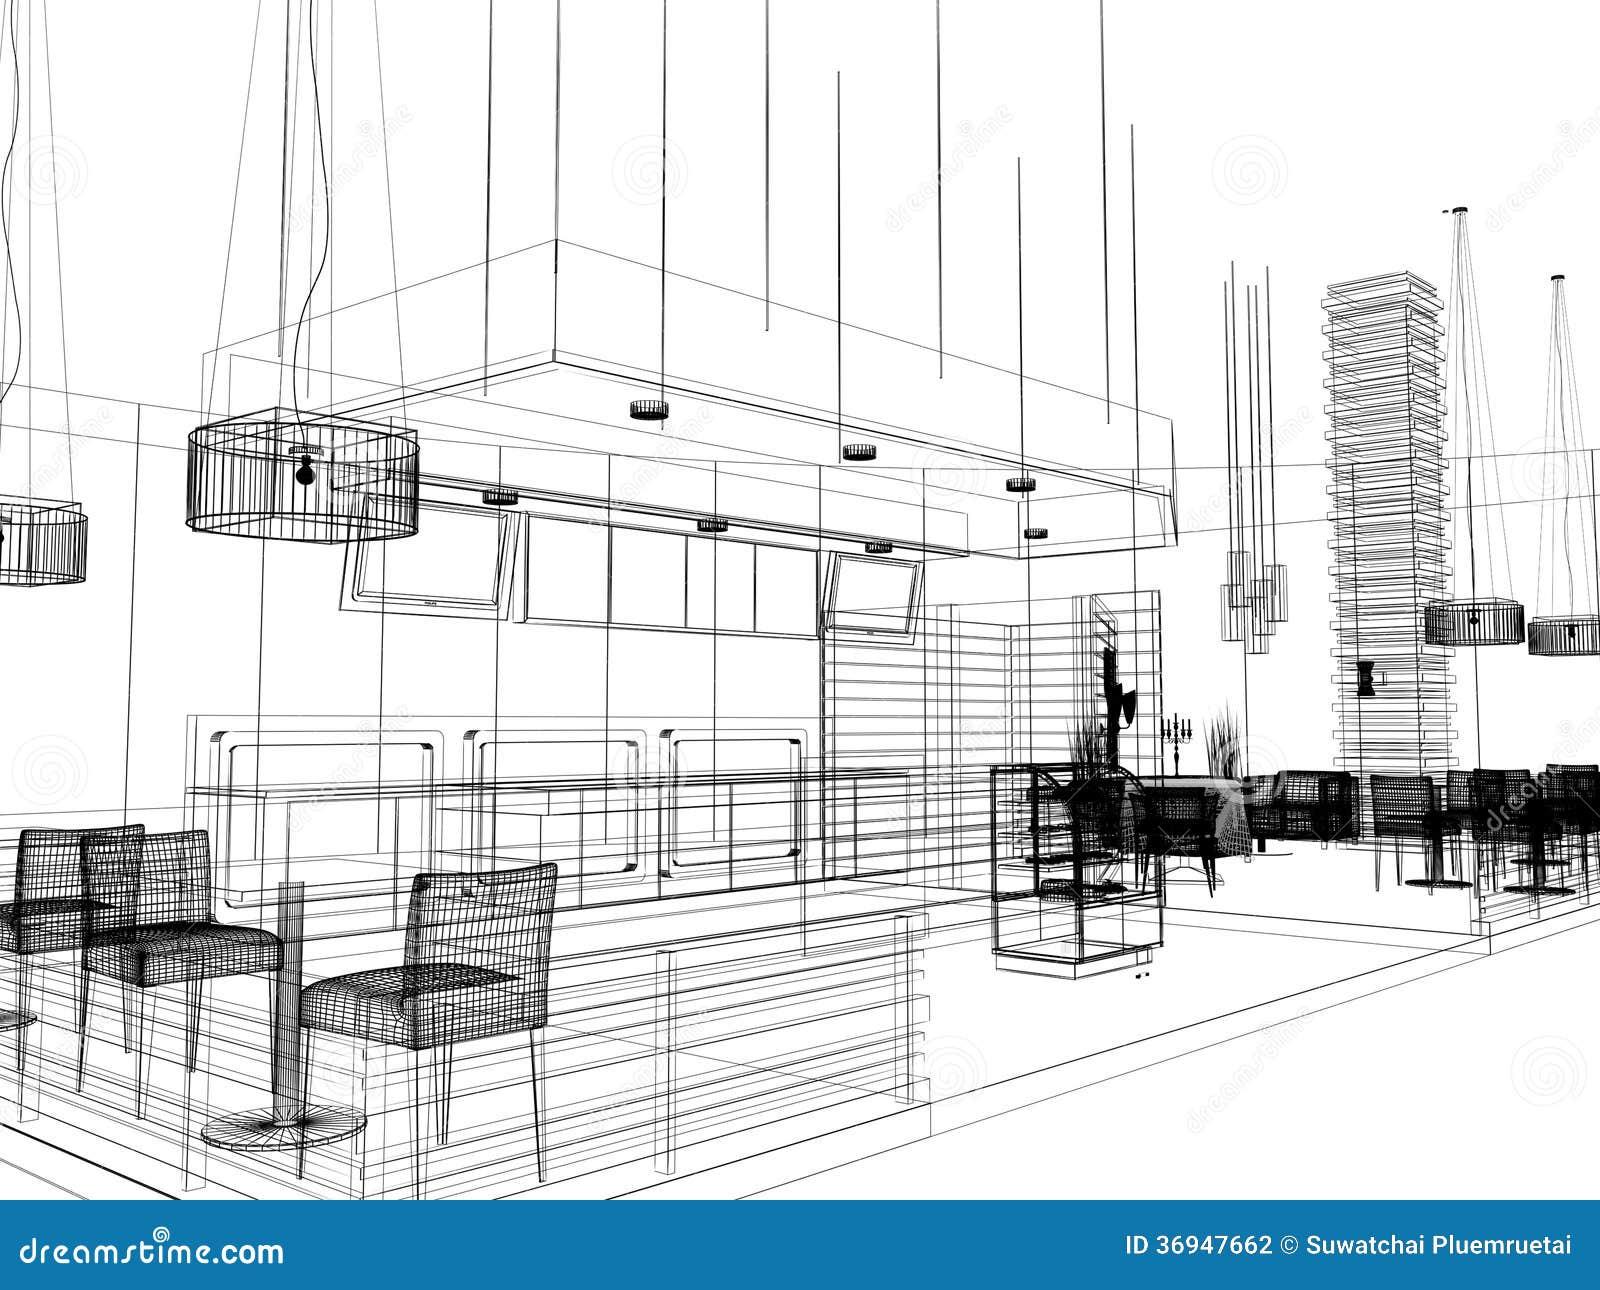 Small Restaurant Floor Plan Sketch Design Of Interior Restaurant Stock Illustration